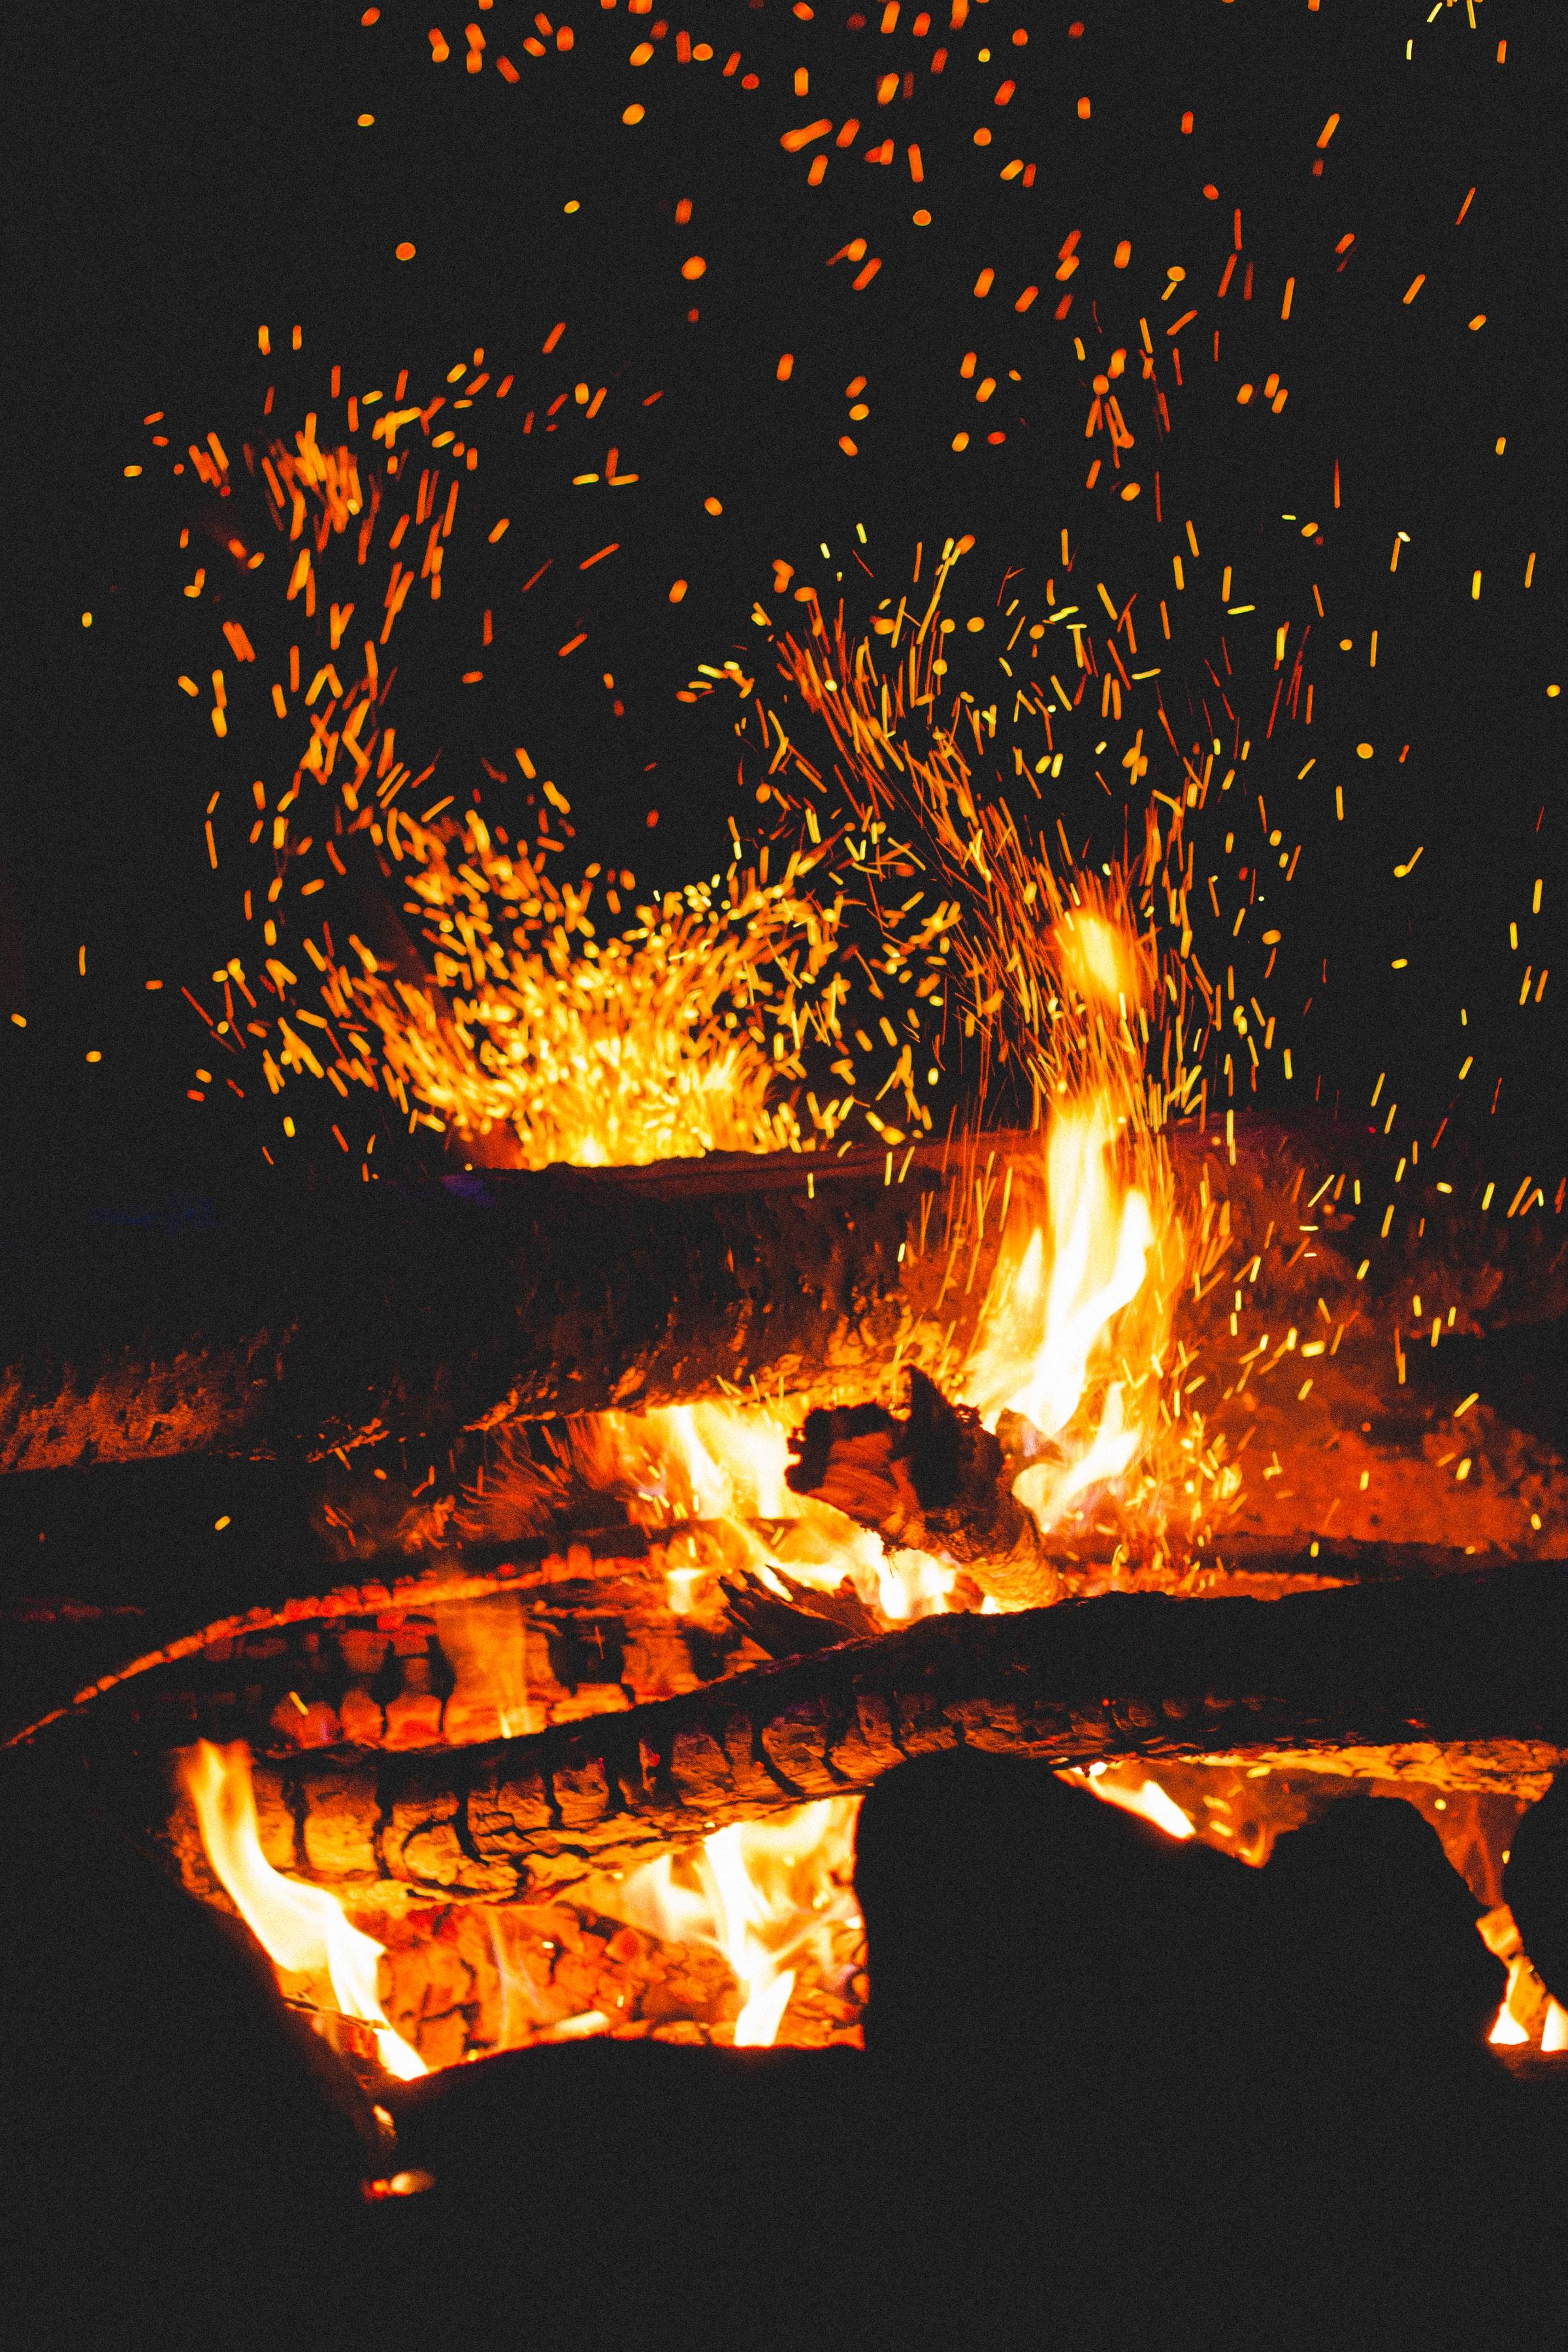 135458 免費下載壁紙 黑暗的, 黑暗, 篝火, 火花, 日志, 原木, 火, 黑色的 屏保和圖片